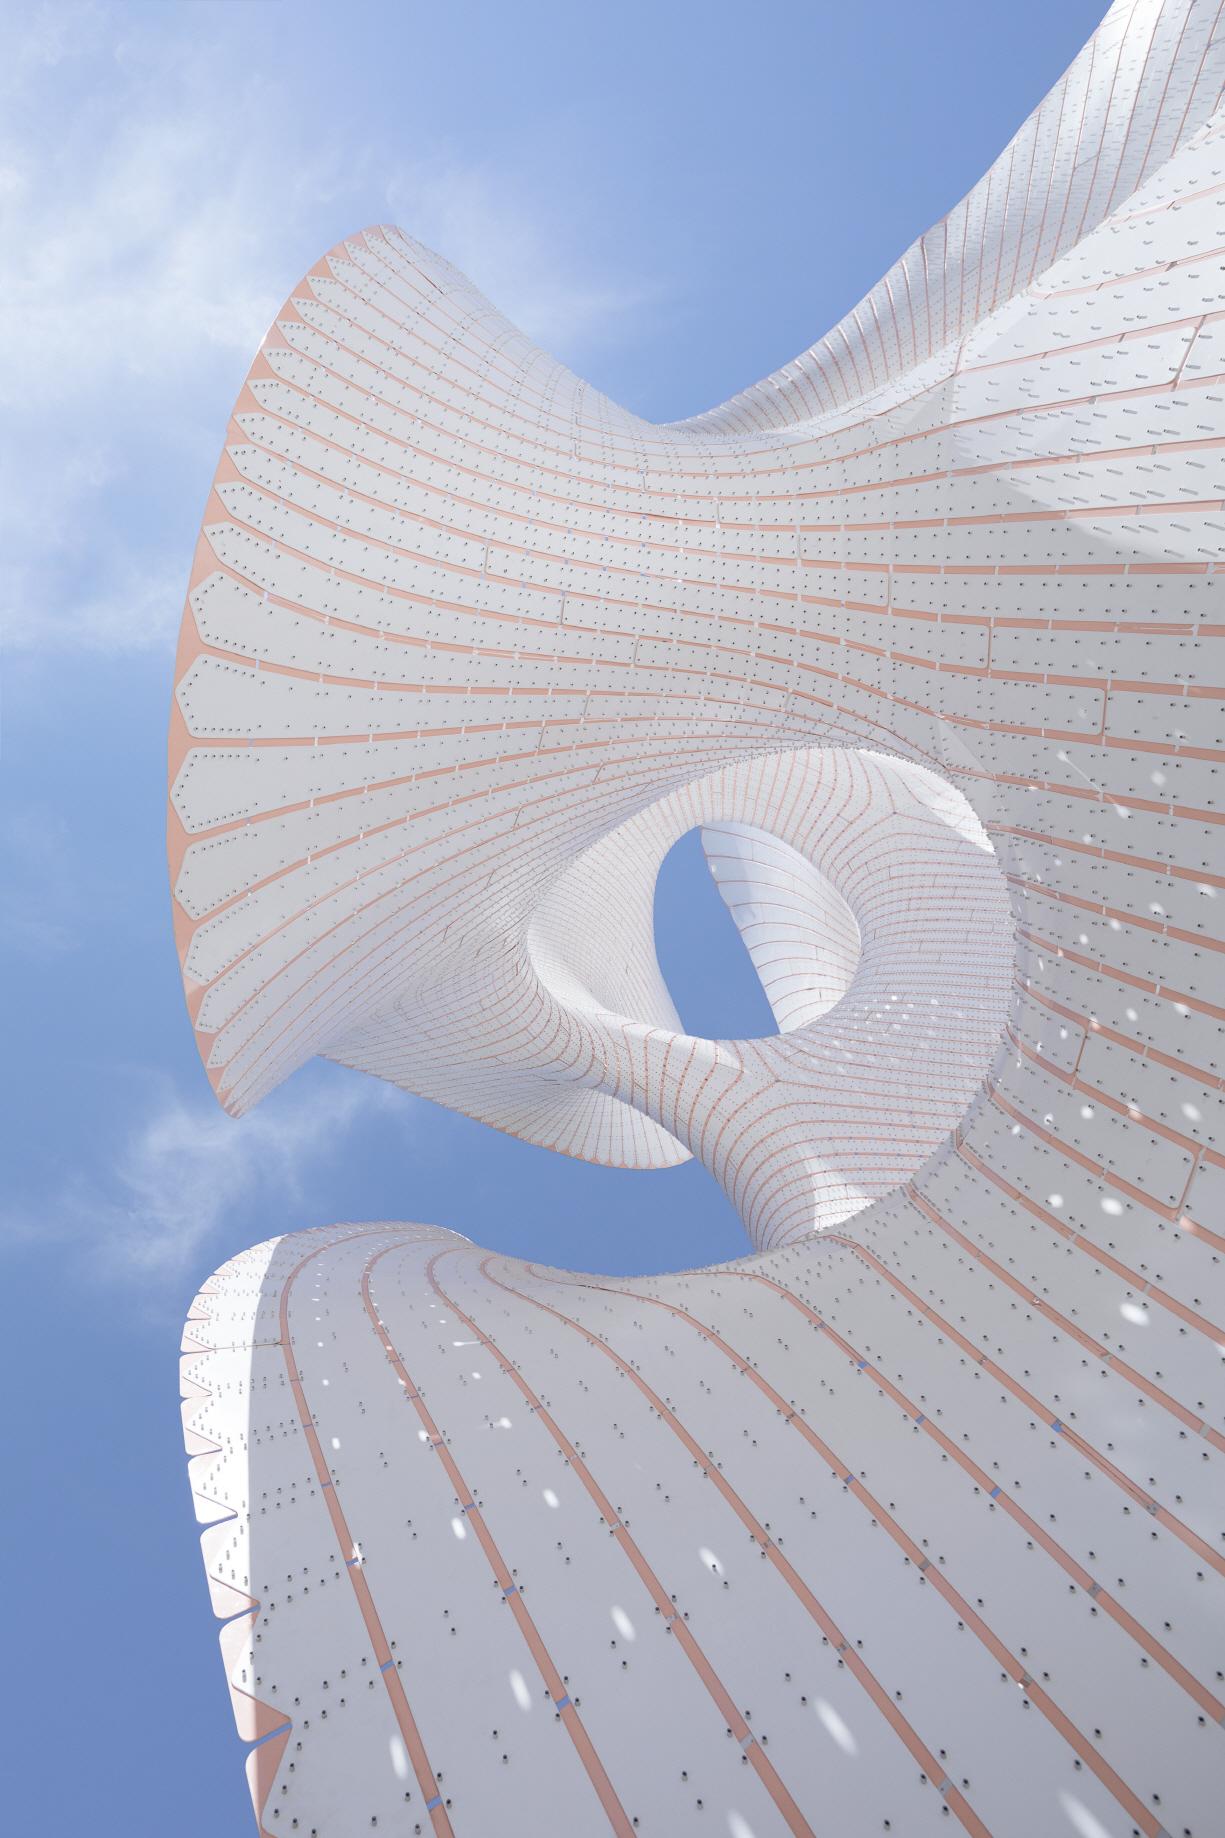 〔안정원의 디자인 칼럼〕 5321개의 수직적 스트라이프로 조합된 알루미늄 판의 구조물2